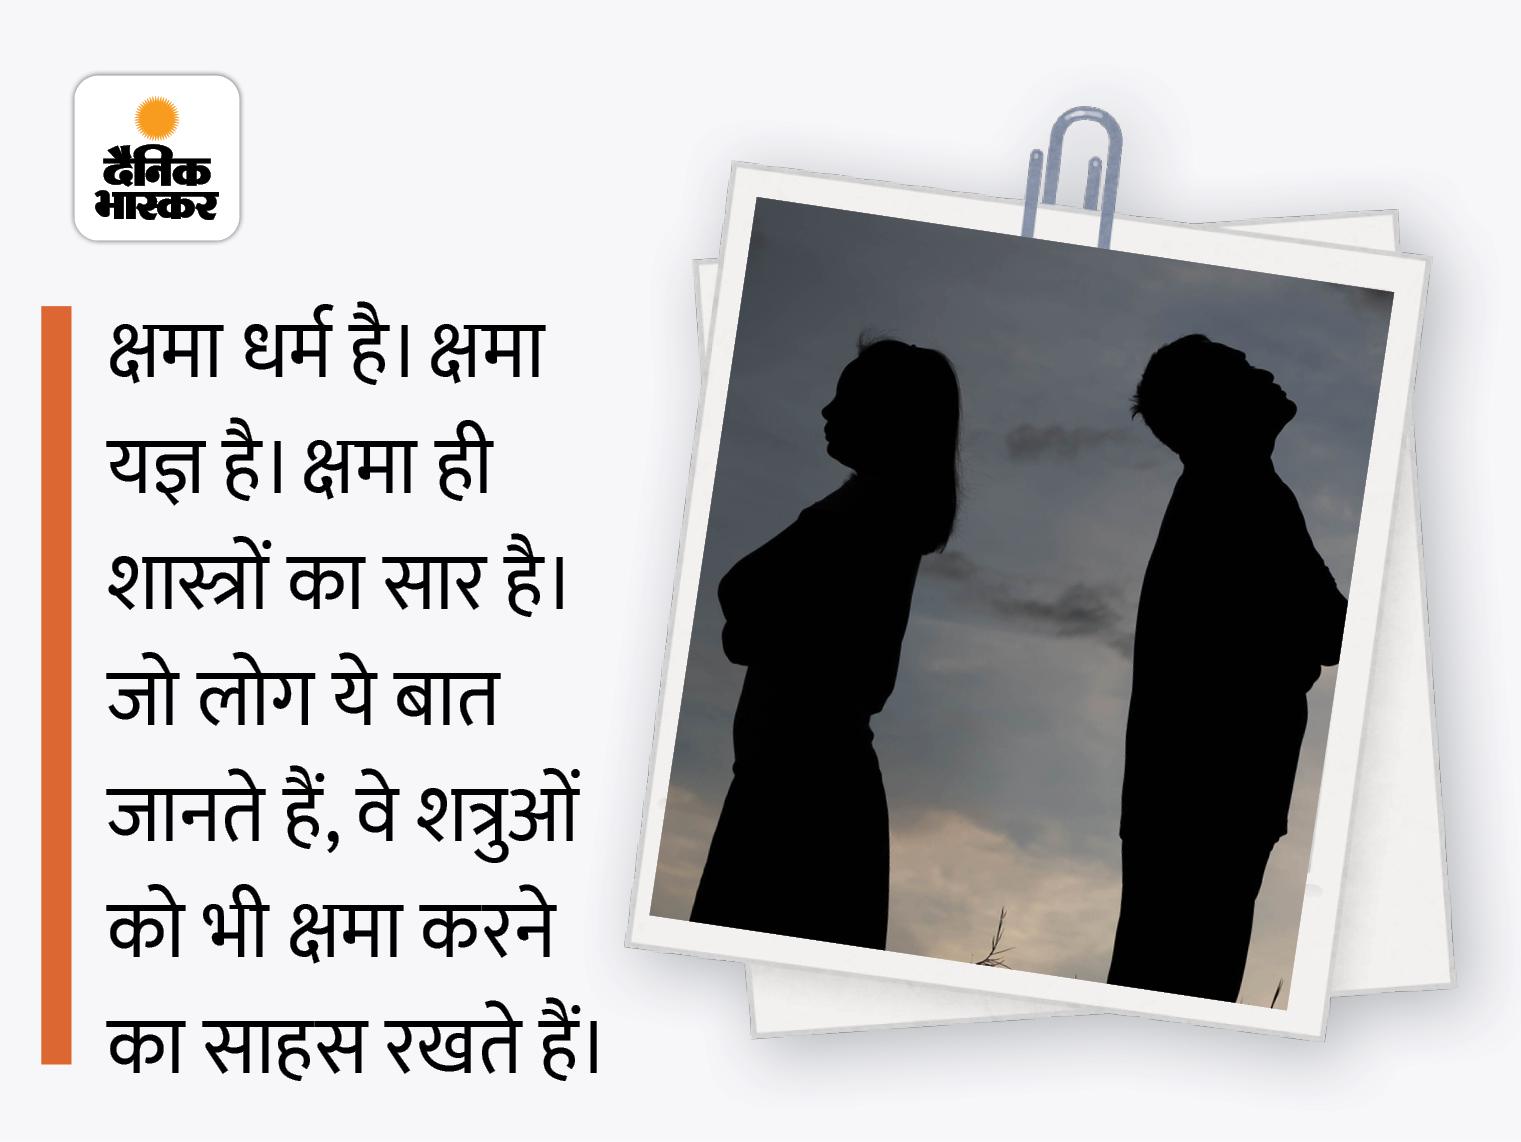 क्षमा वह उपकार है जो हम खुद के लिए करते हैं, जीवन में शांति चाहते हैं तो क्षमा करो और भूल जाओ|धर्म,Dharm - Dainik Bhaskar